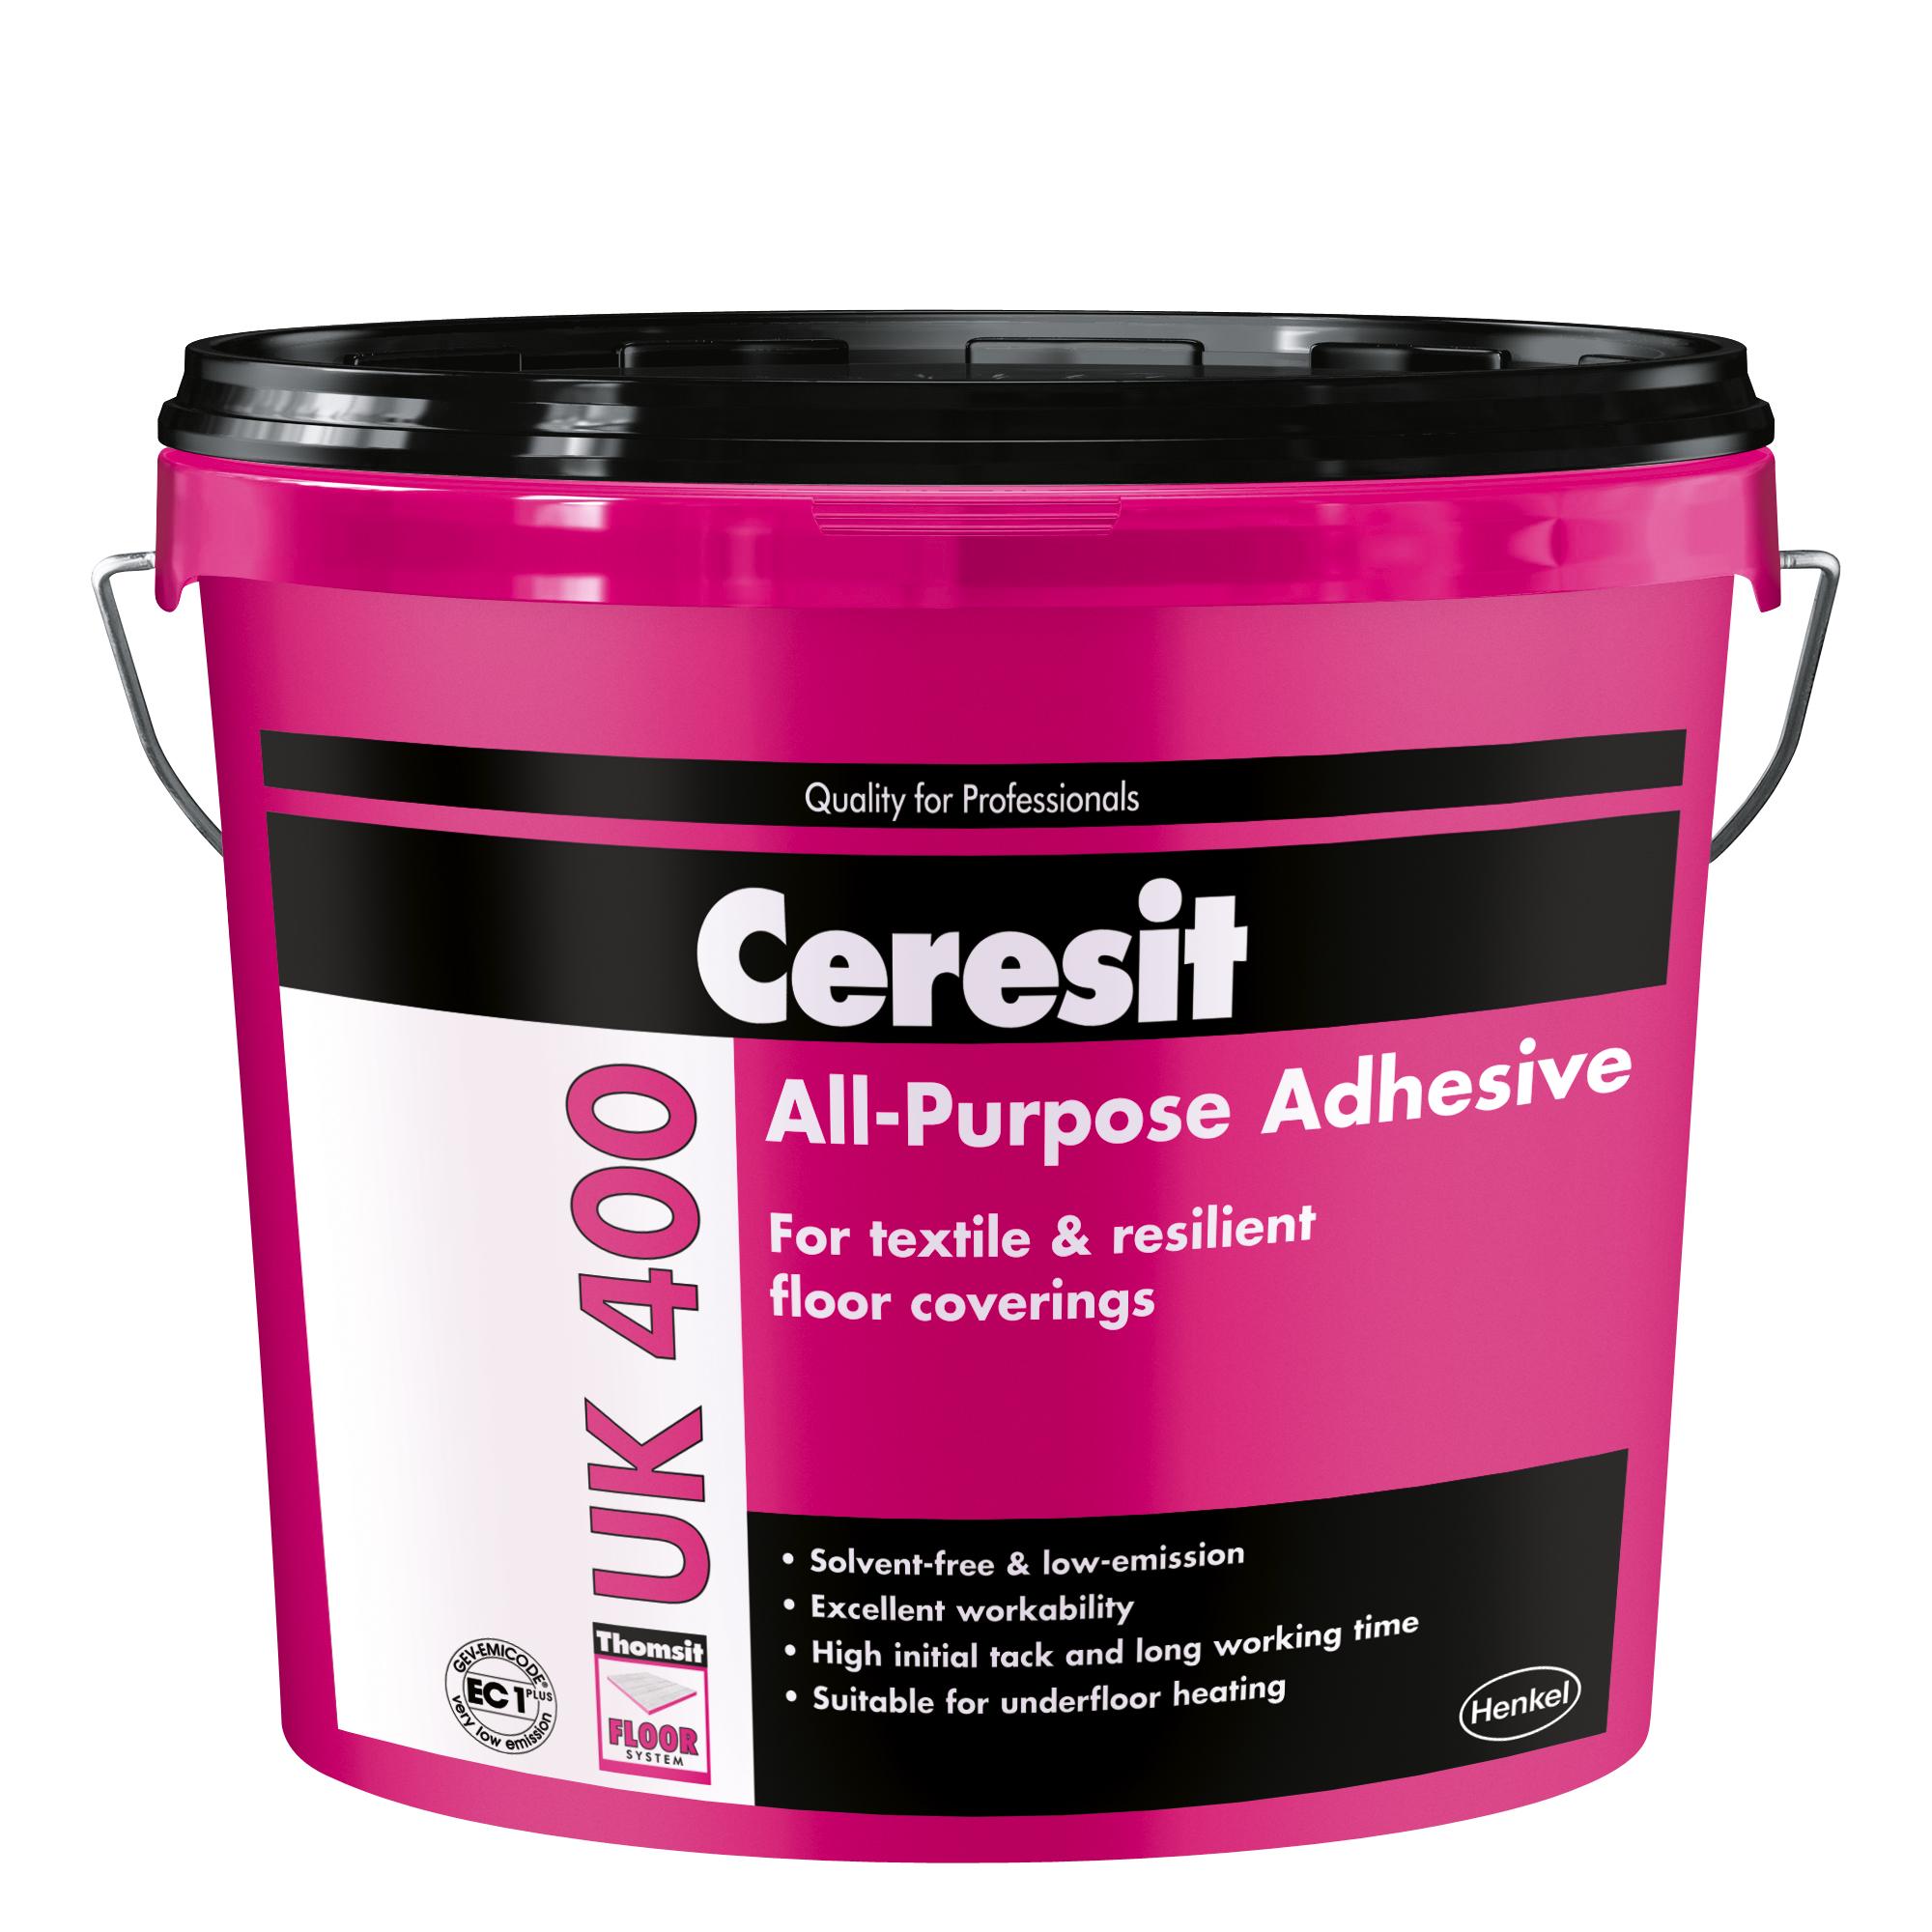 Univerzalna lepila za PVC, CV, tekstilne in talne obloge iz linoleja - Ceresit UK 400